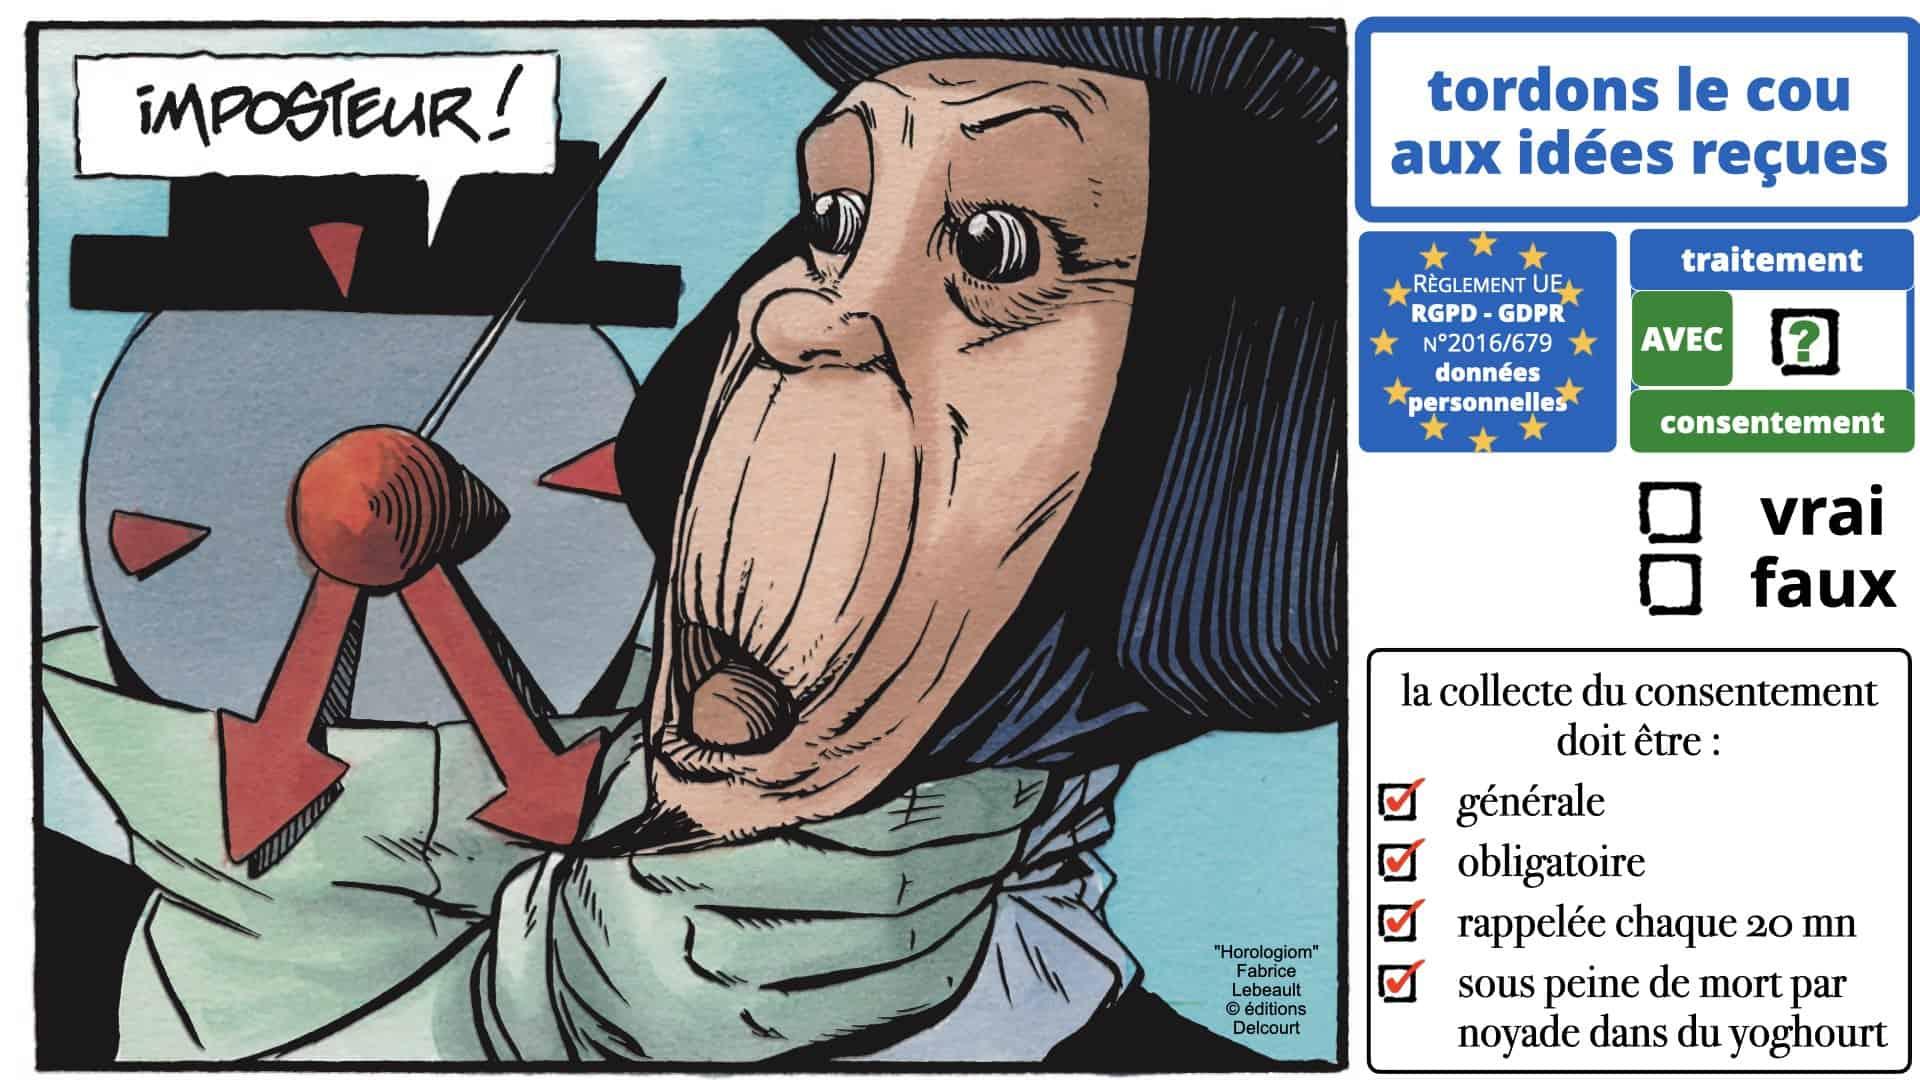 RGPD délibération CNIL Spartoo du 28 juillet 2020 n°SAN 2020-003 *16:9* ©Ledieu-Avocats 19-09-2020.043